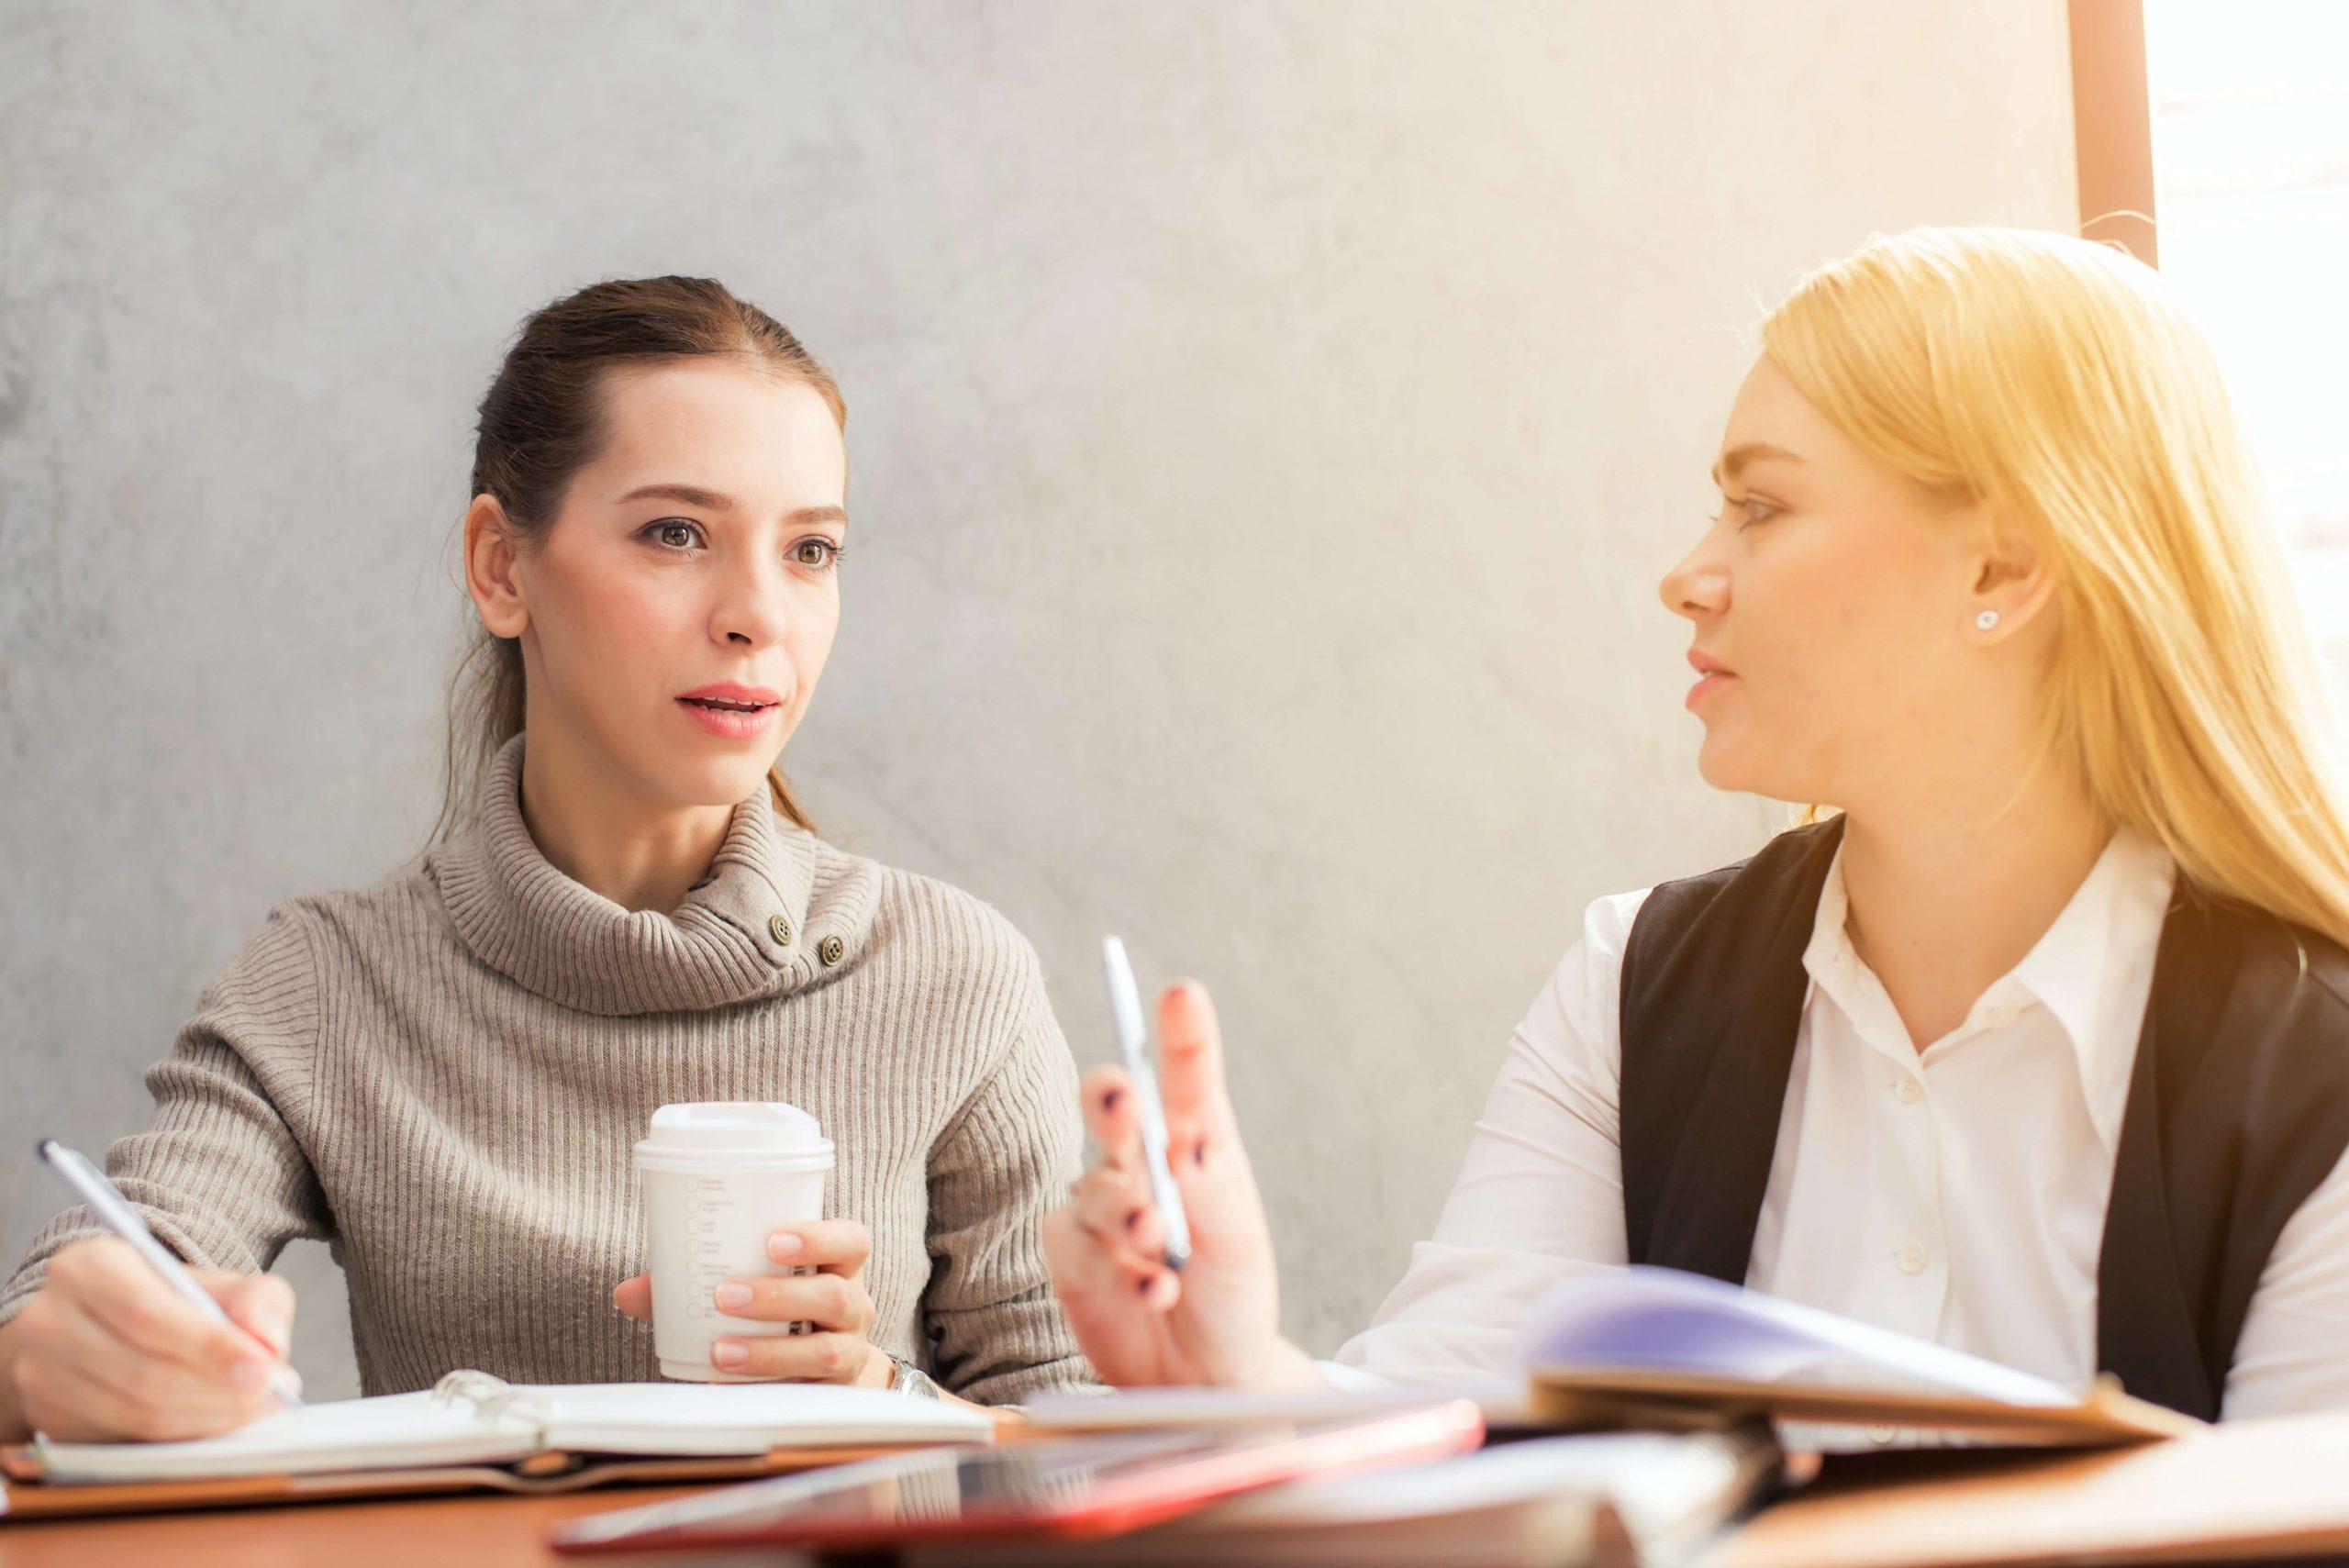 relacionamento-interpessoal-no-trabalho